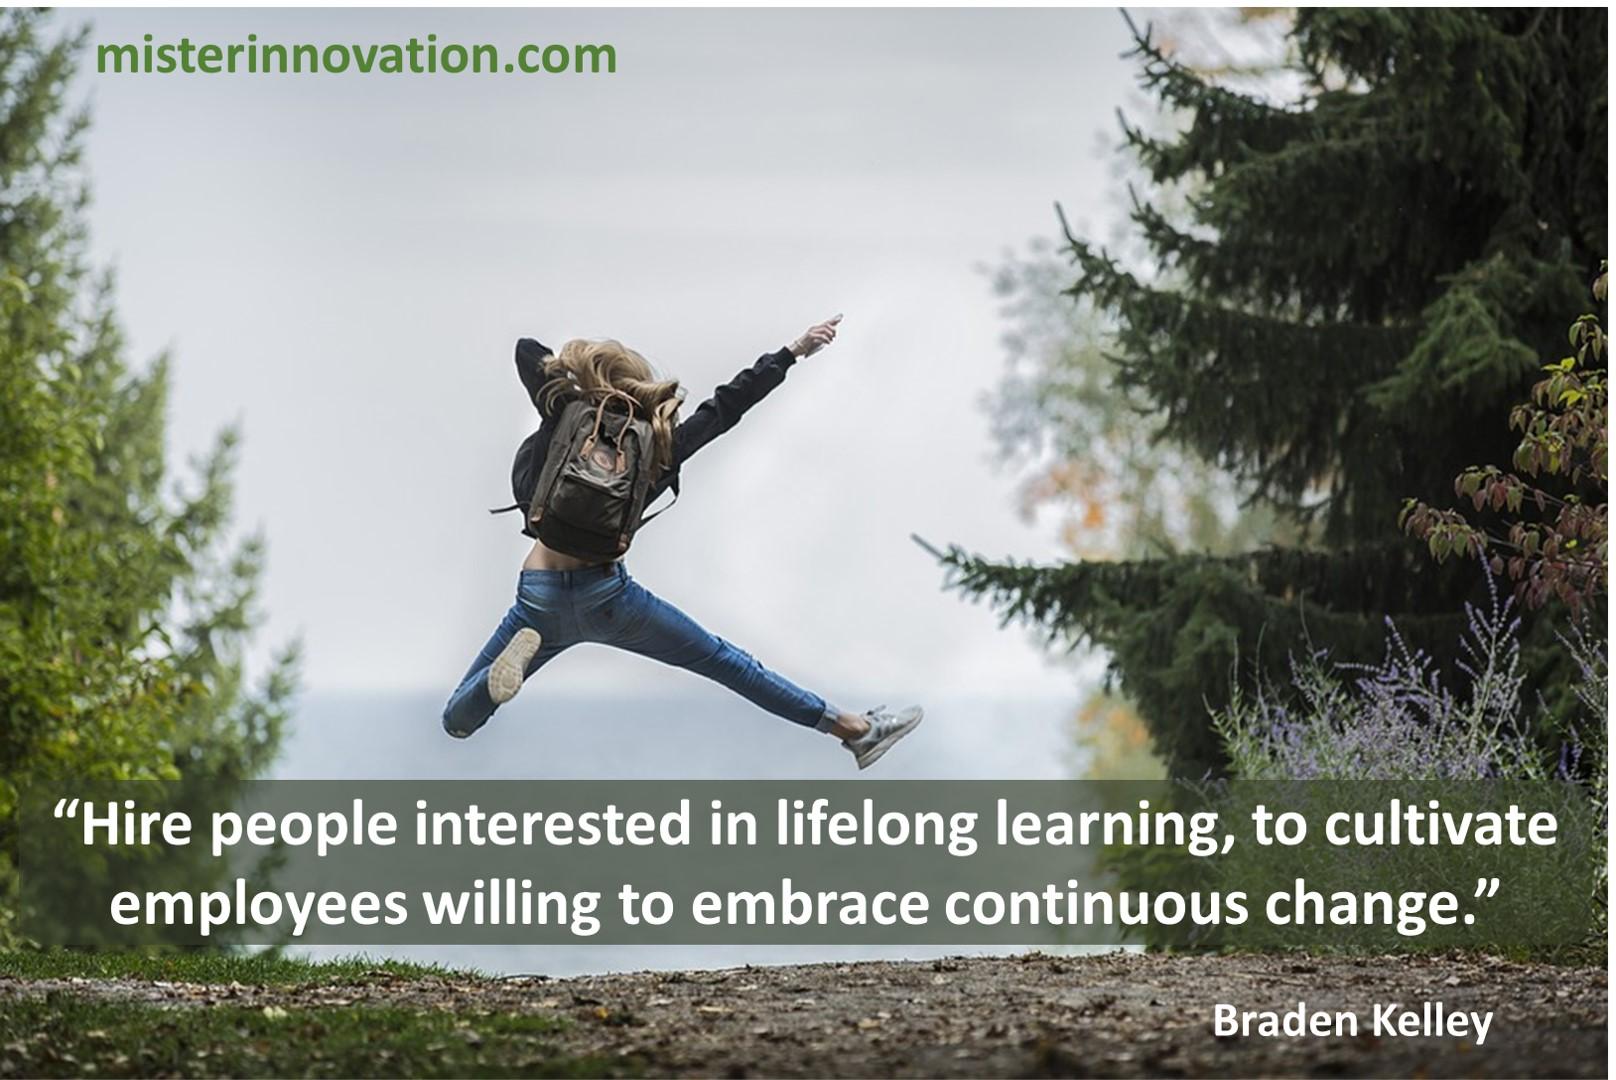 Change Lifelong Learning